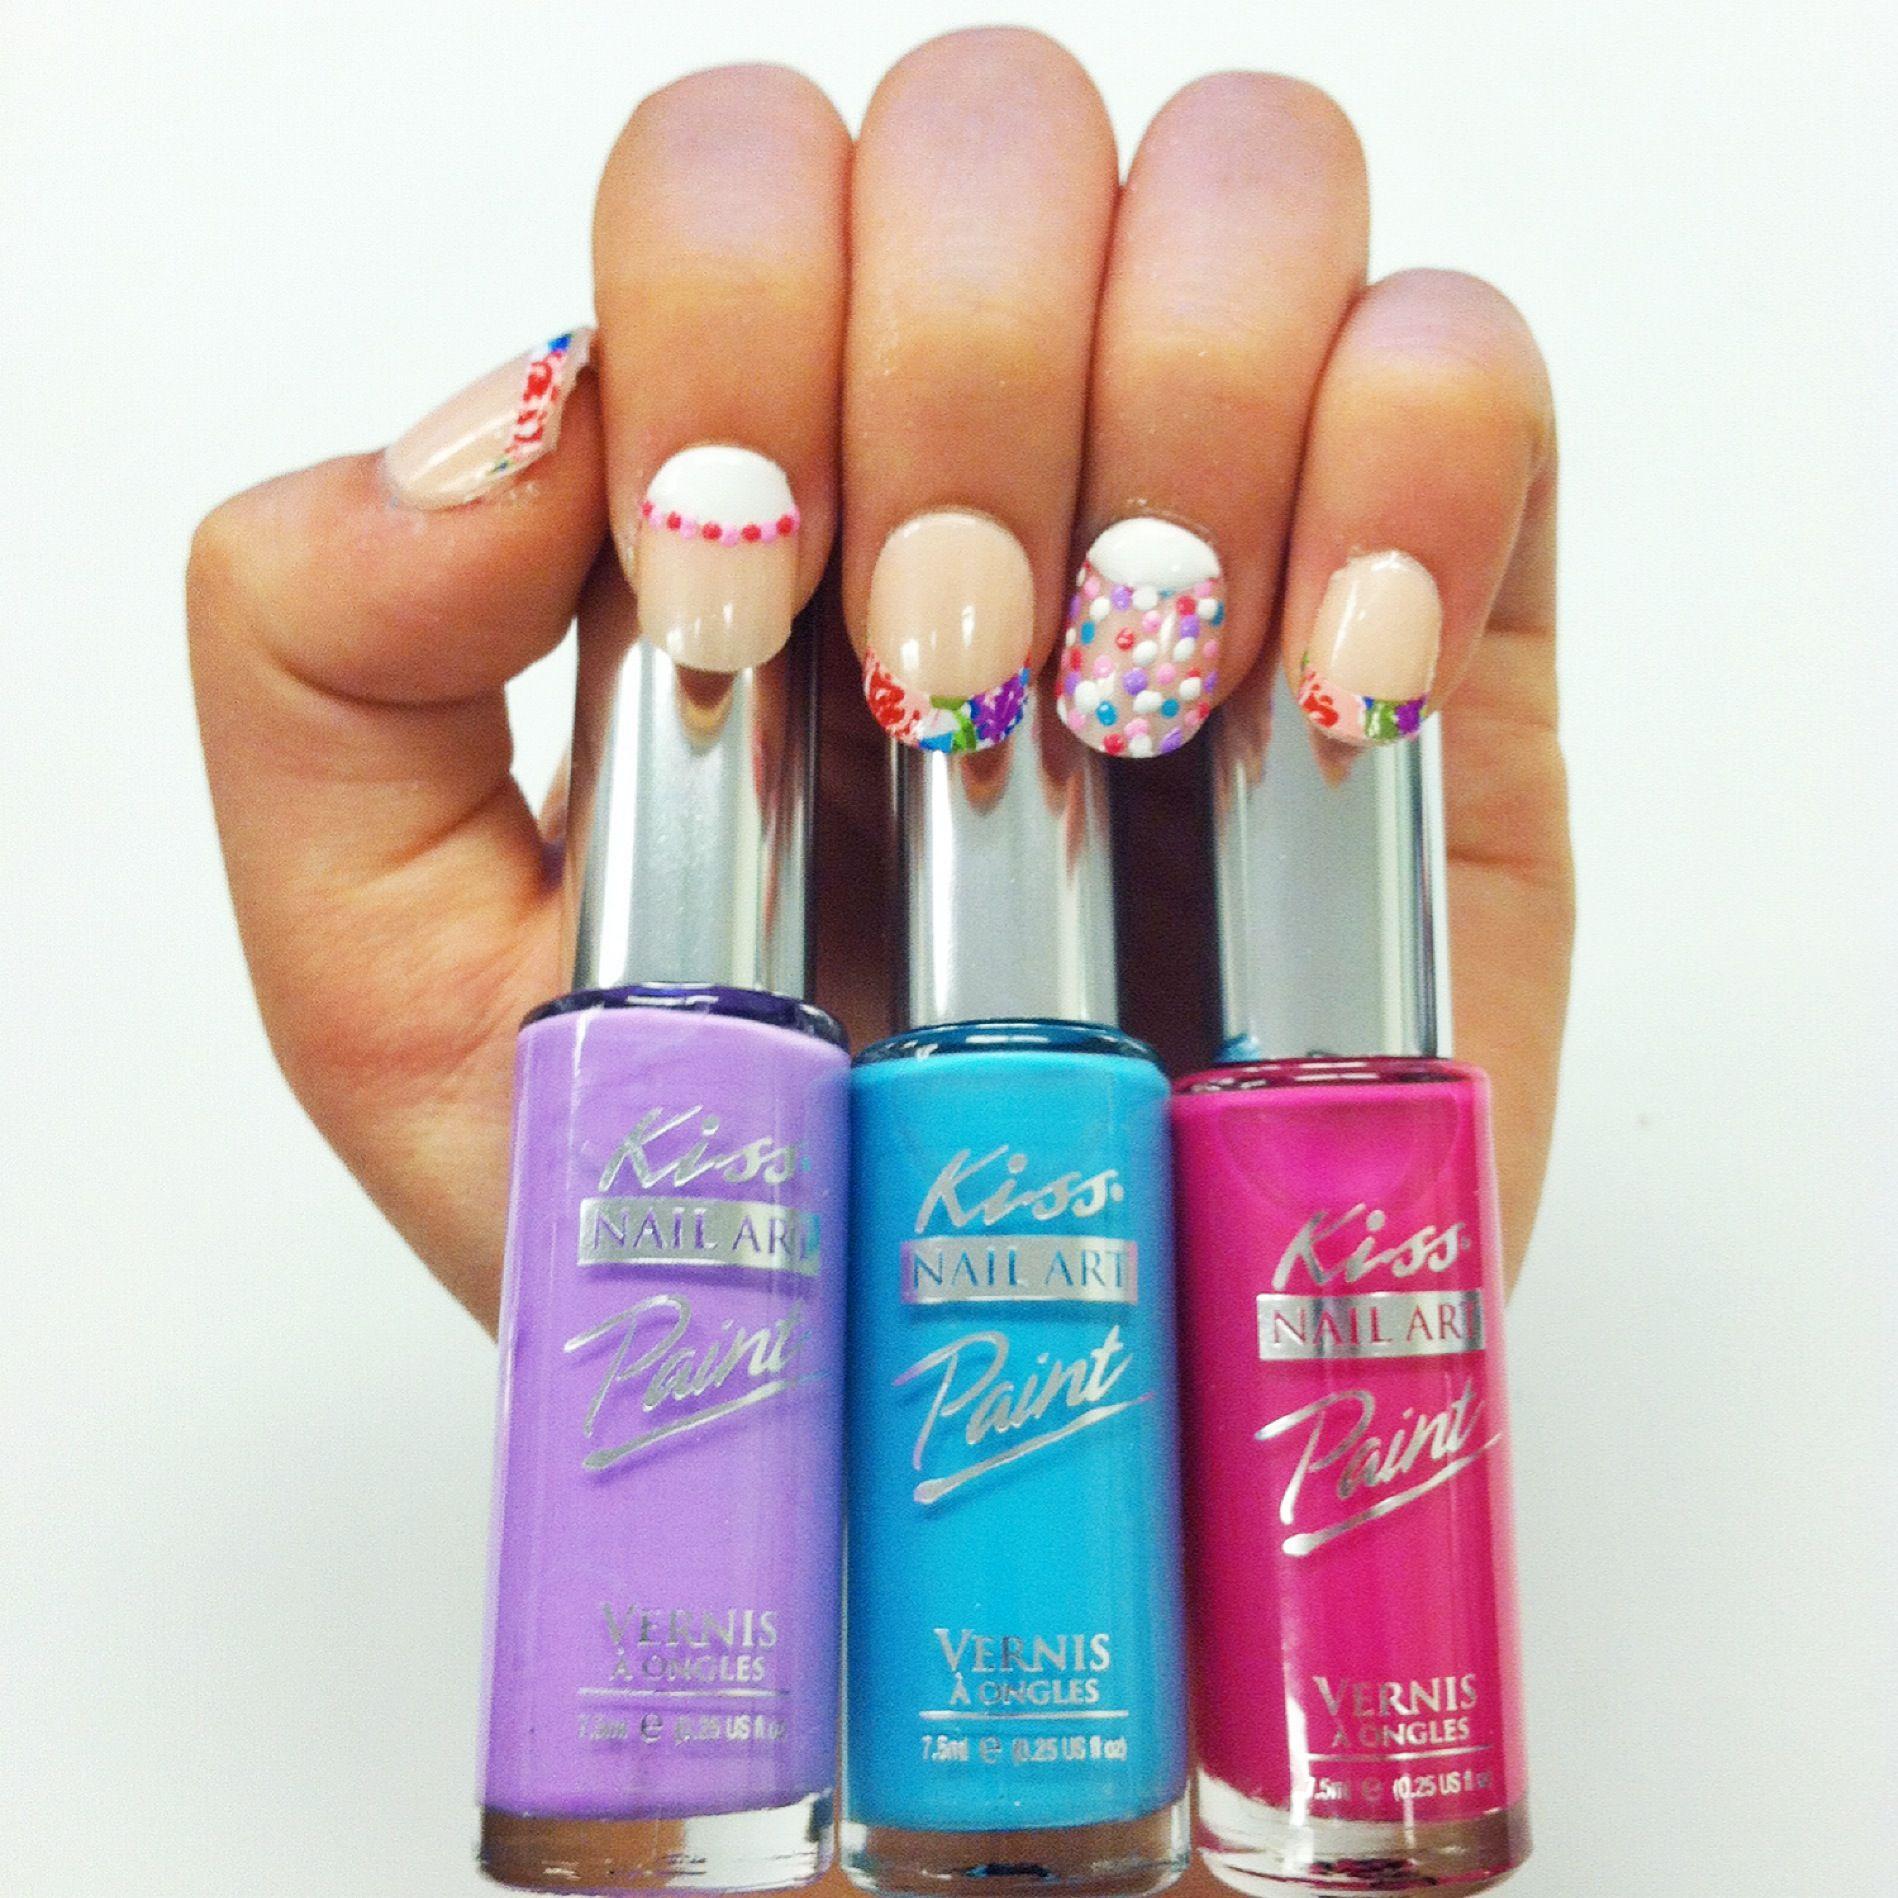 Impress press on manicure nails my style pinterest - Beauty Nails